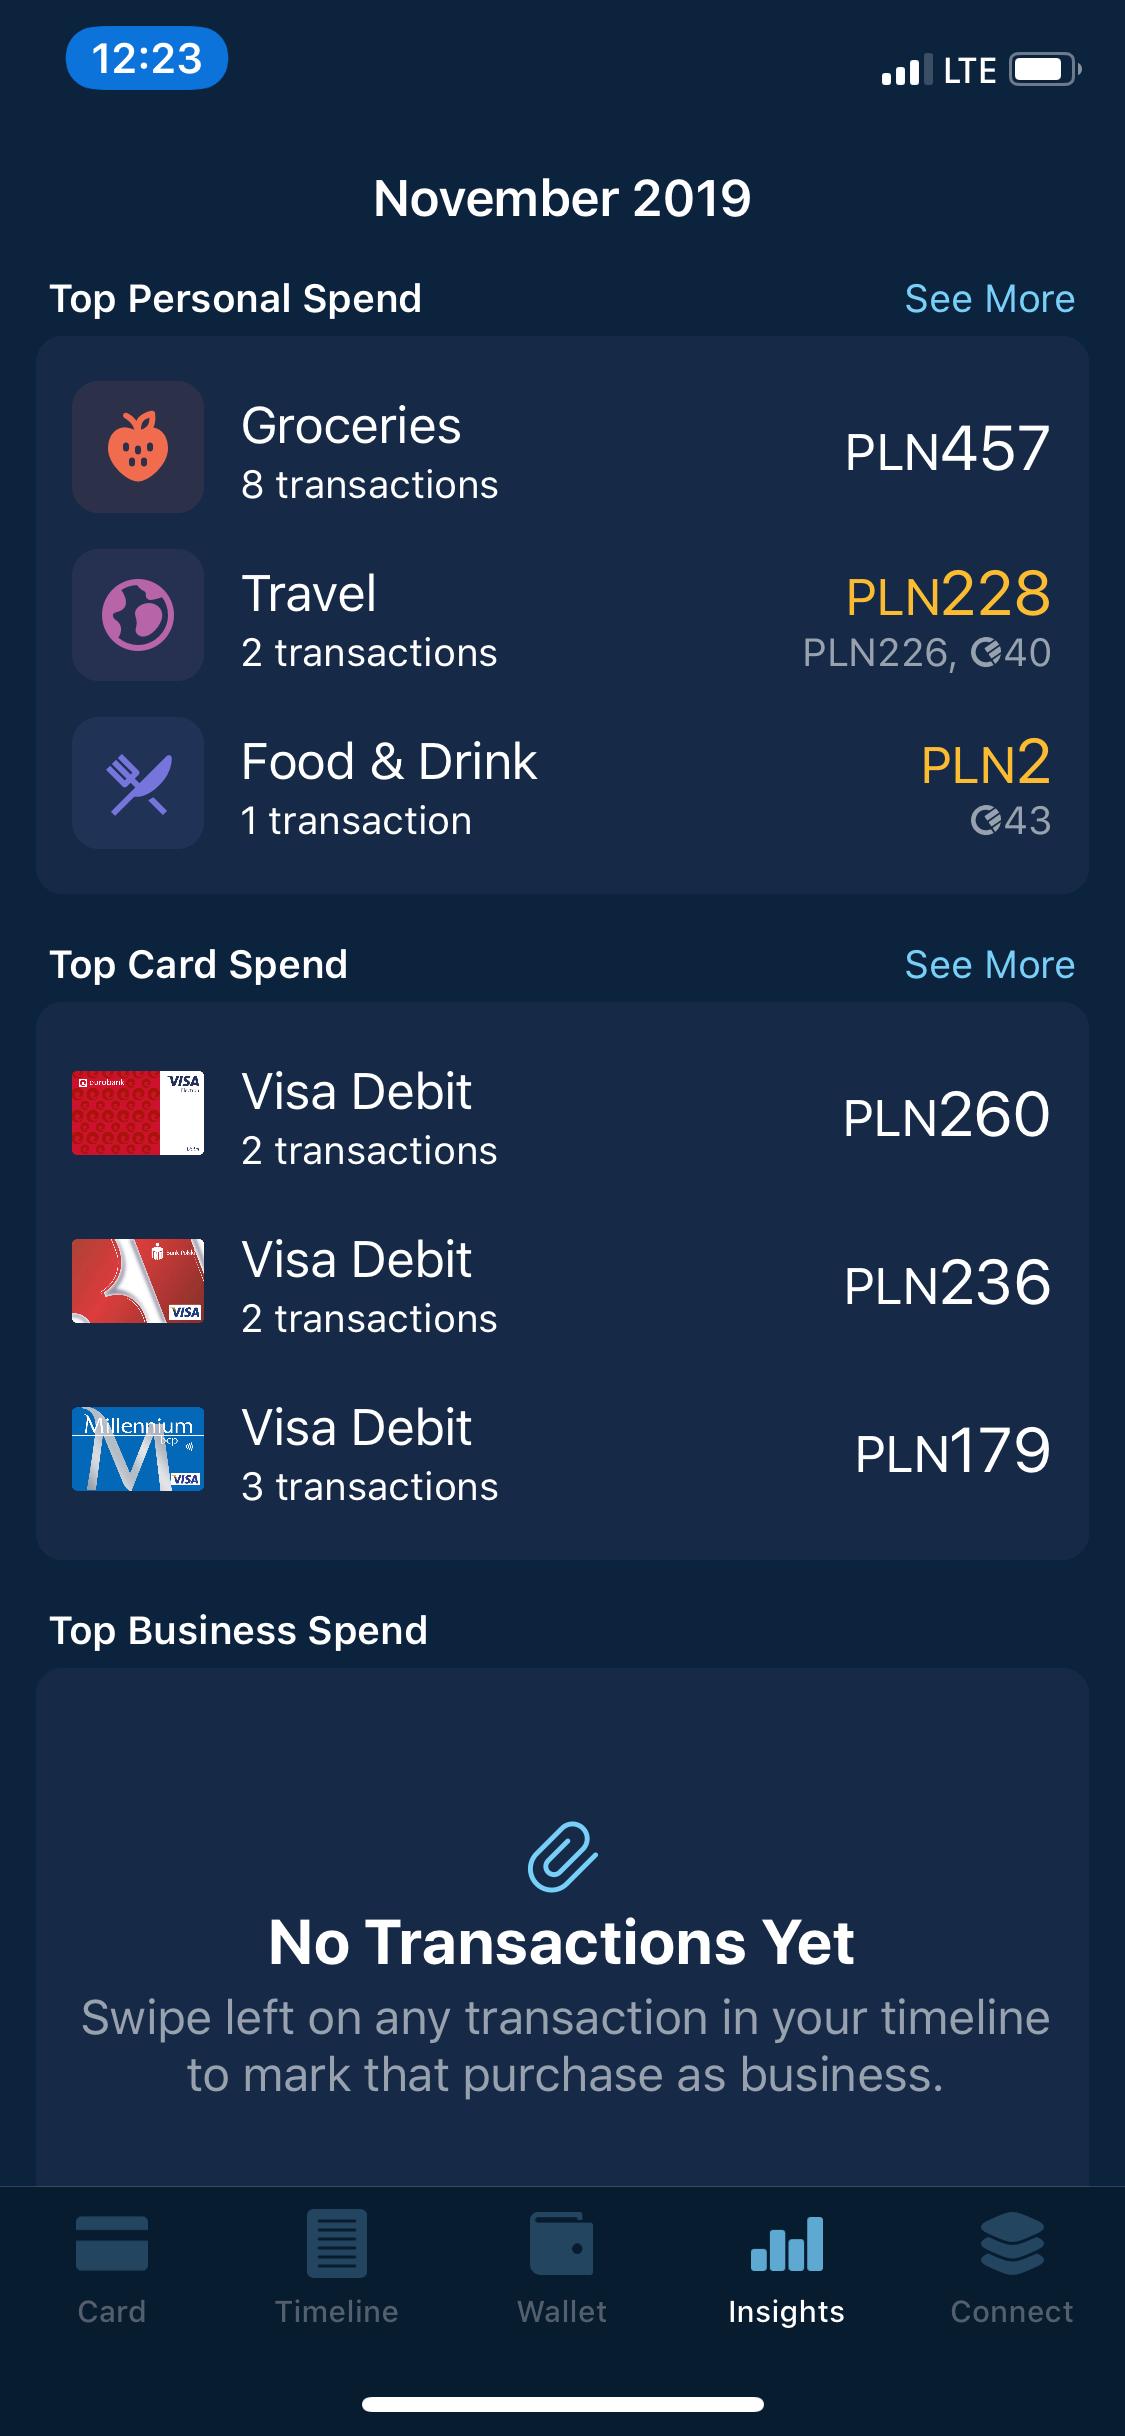 Curve - podsumowanie wydatków